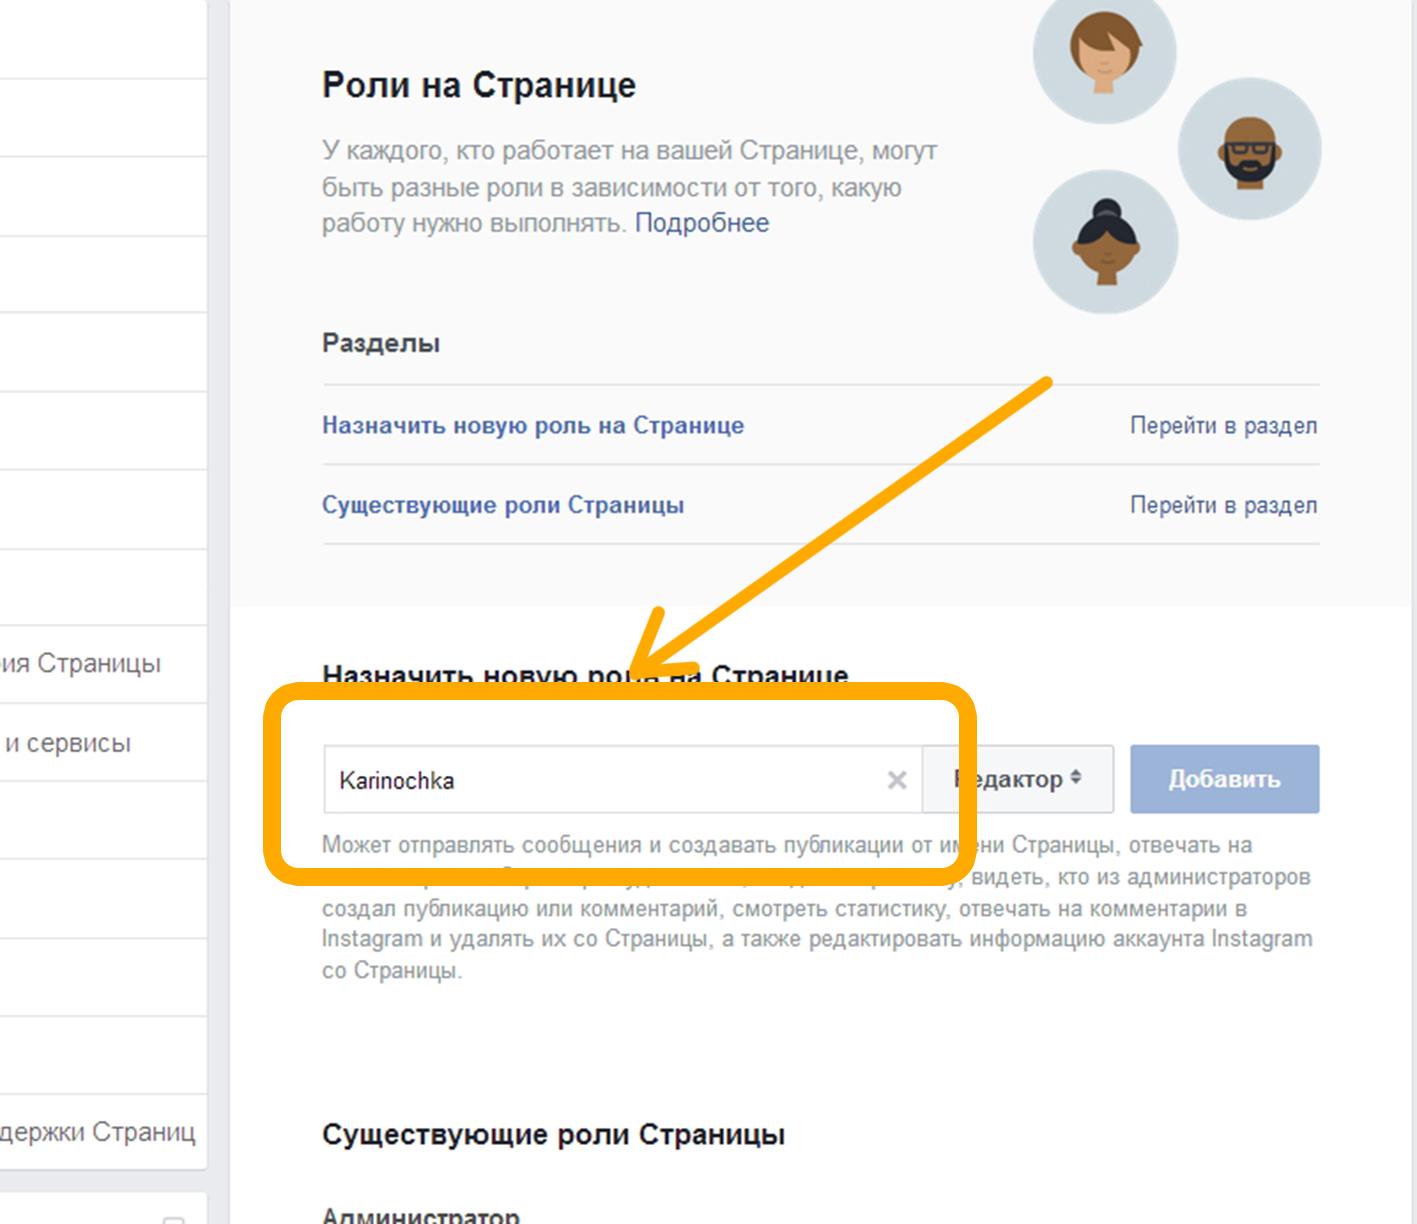 Меню управлением ролей и изменения административных функций на странице Фейсбук